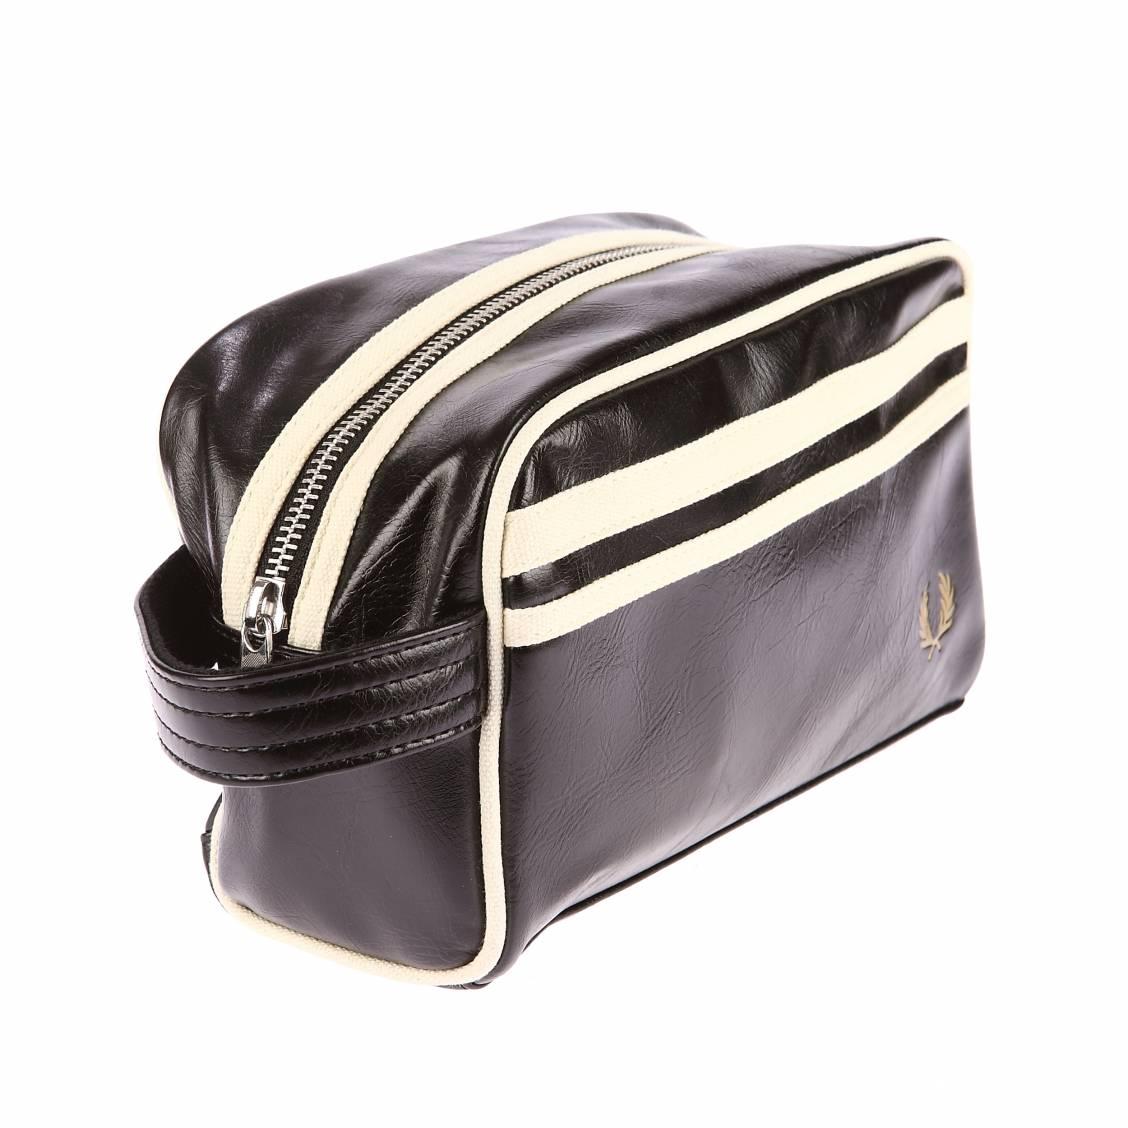 Trousse de toilette Fred Perry Classic Travel Kit Bag Black/Ecru noir YdSG28GoZ2